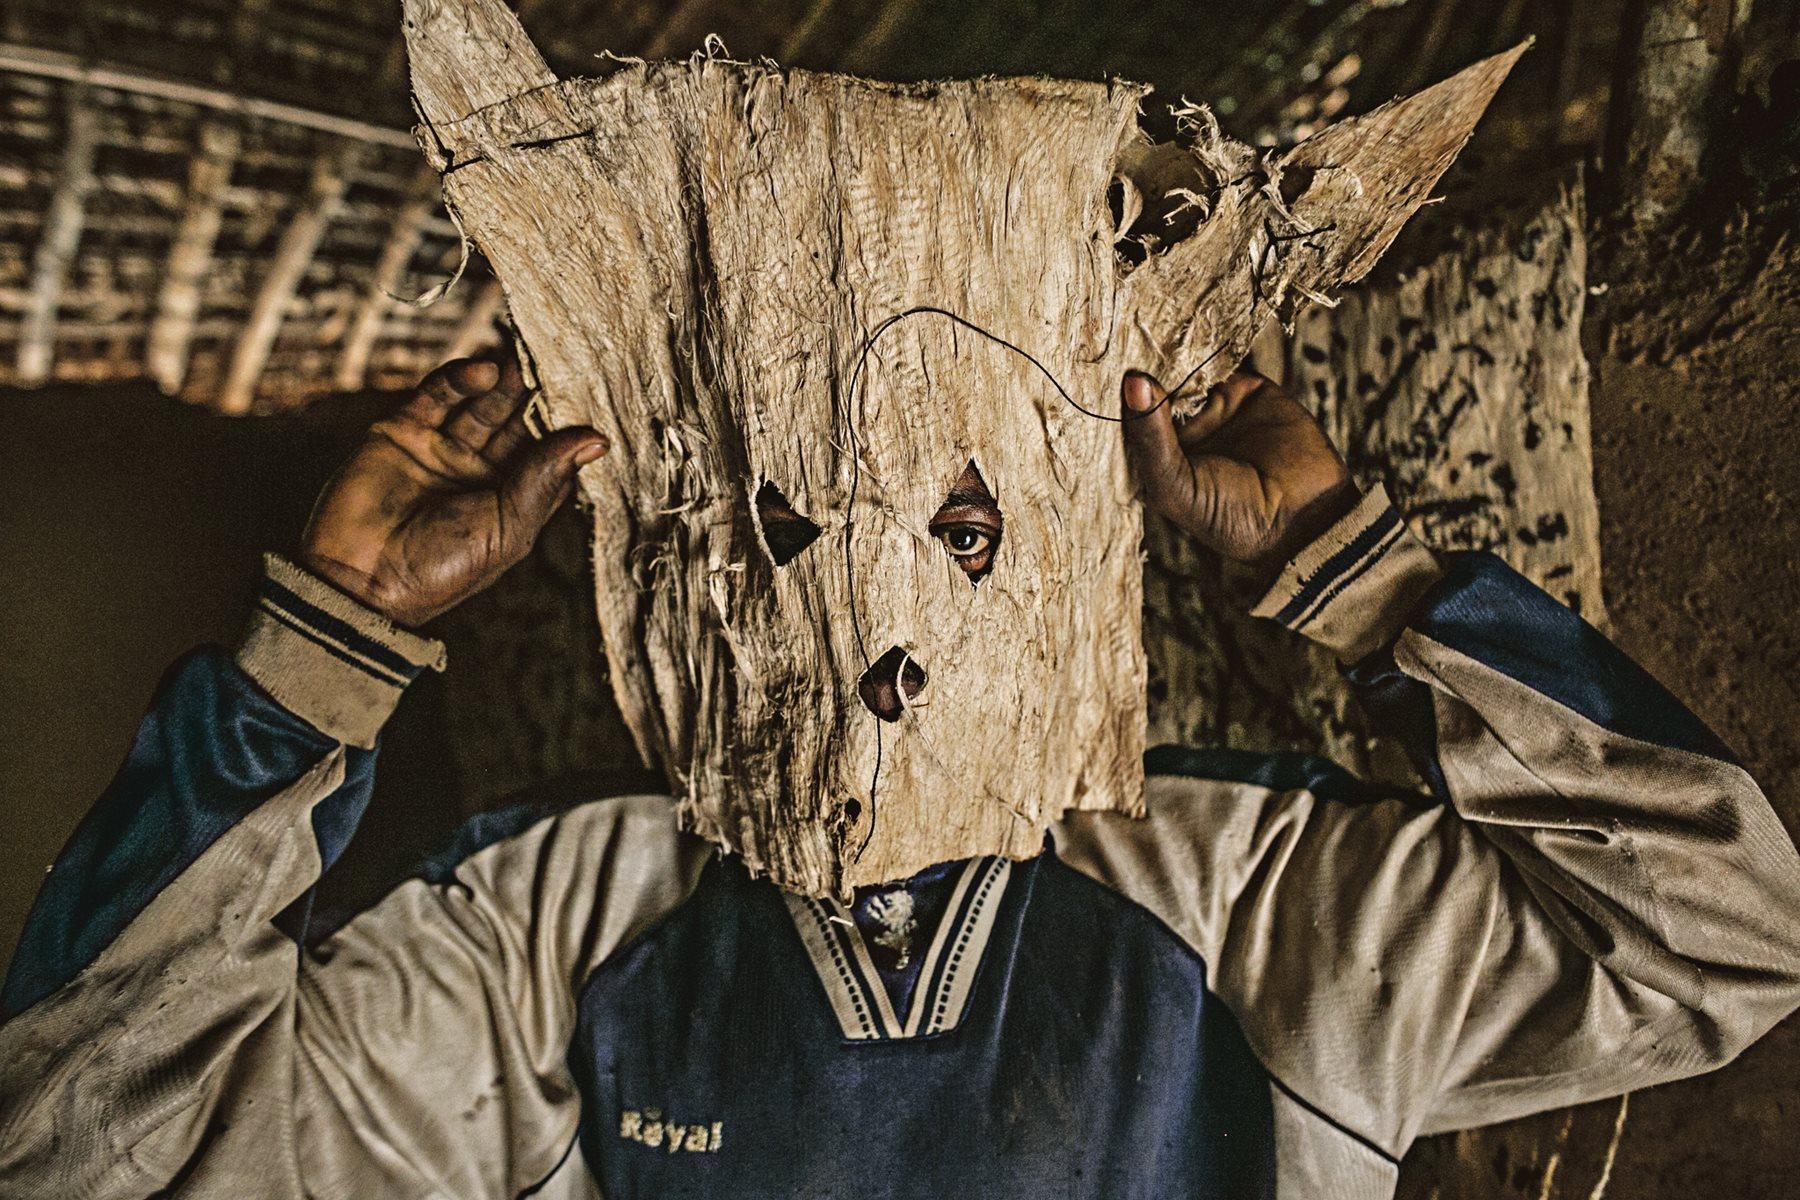 Un cazador de una aldea de la República Democrática del Congo (RDC) se ajusta la máscara que llevará durante la partida